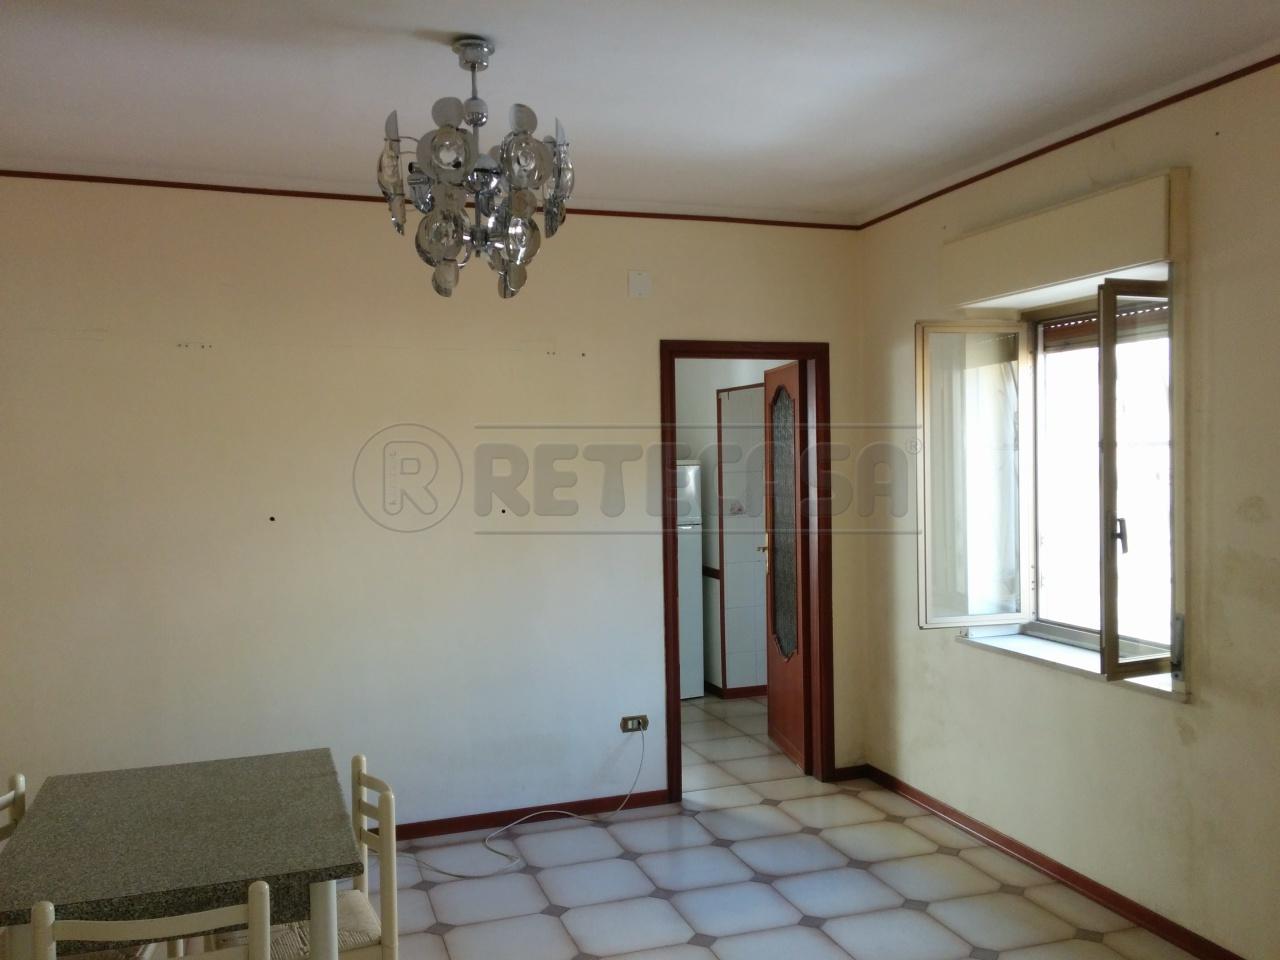 Bilocale Messina Via Chiana 2 5